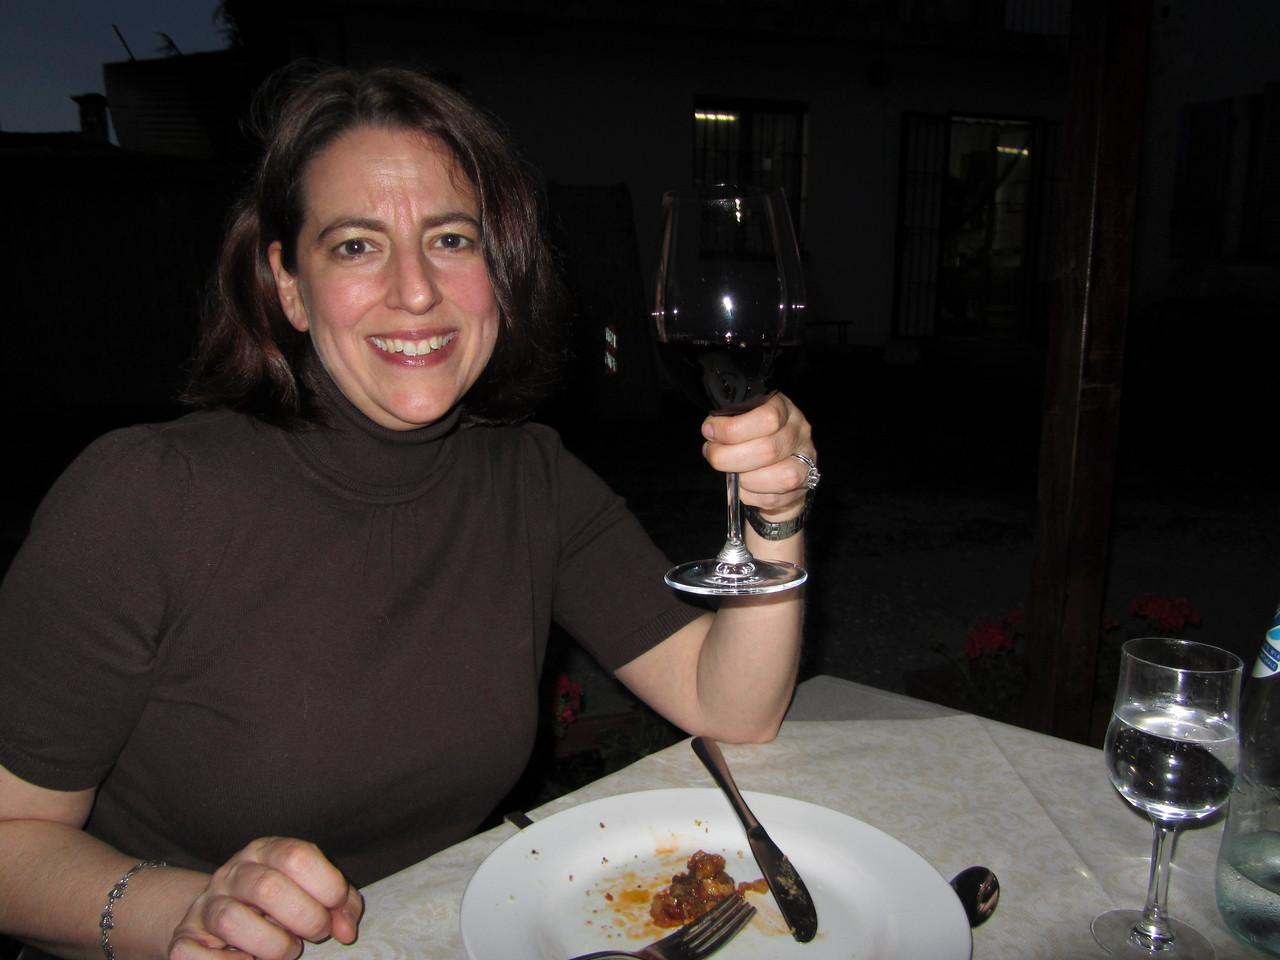 Our first dinner at Trattoria Dai Bercau.